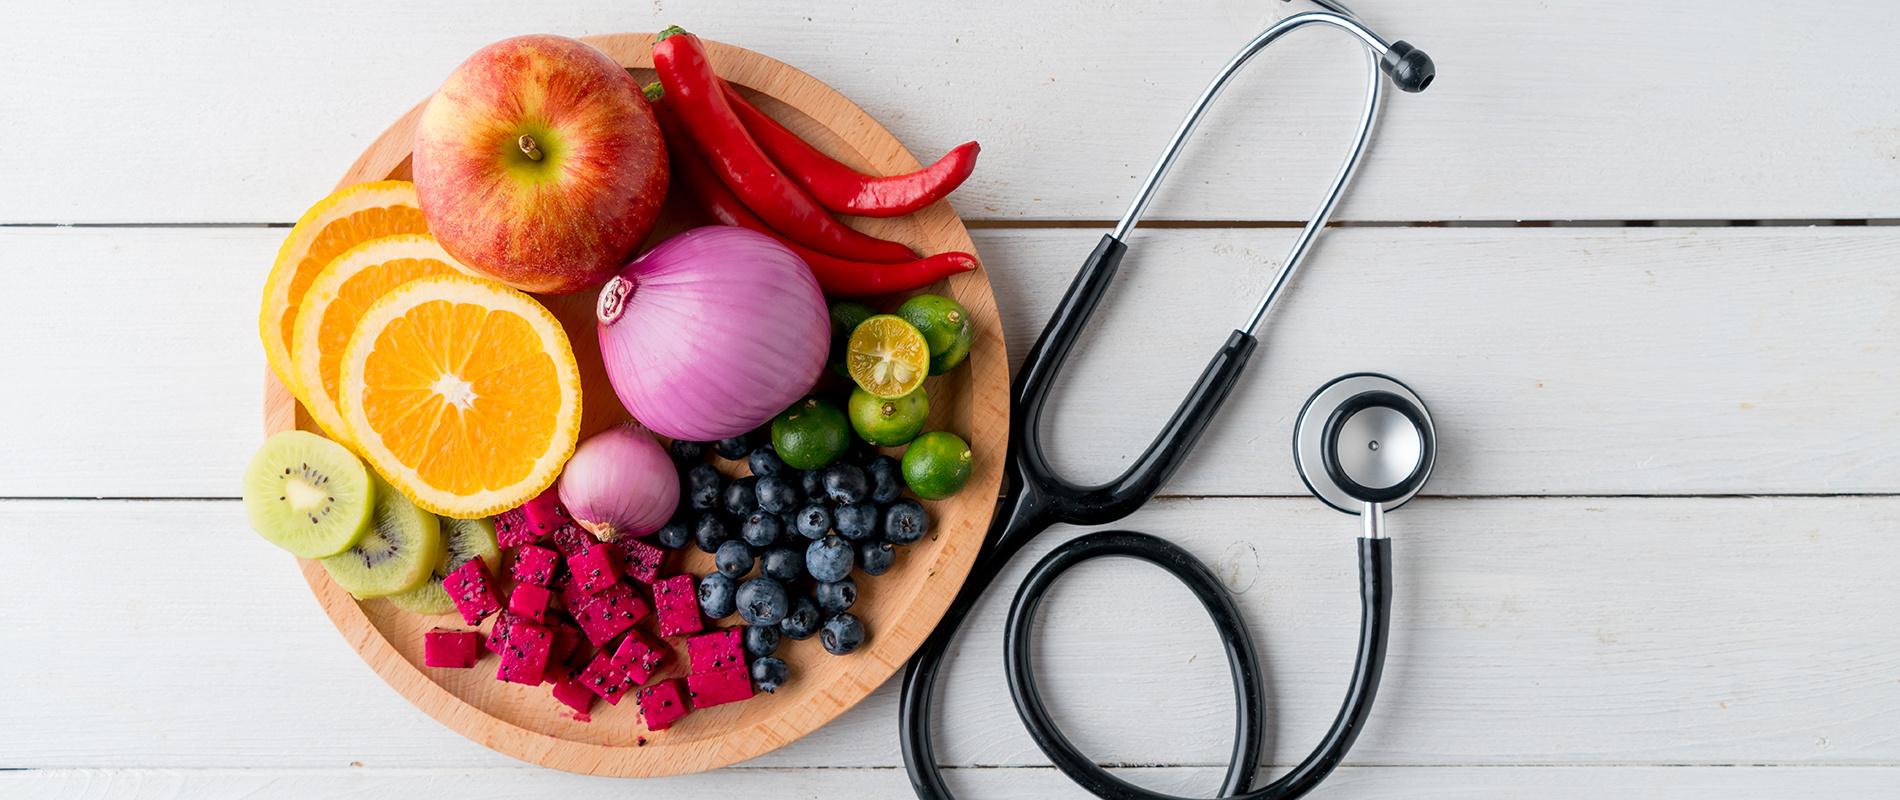 mint magas vérnyomás elleni gyógyszerek visszatartja a lélegzetét a magas vérnyomástól